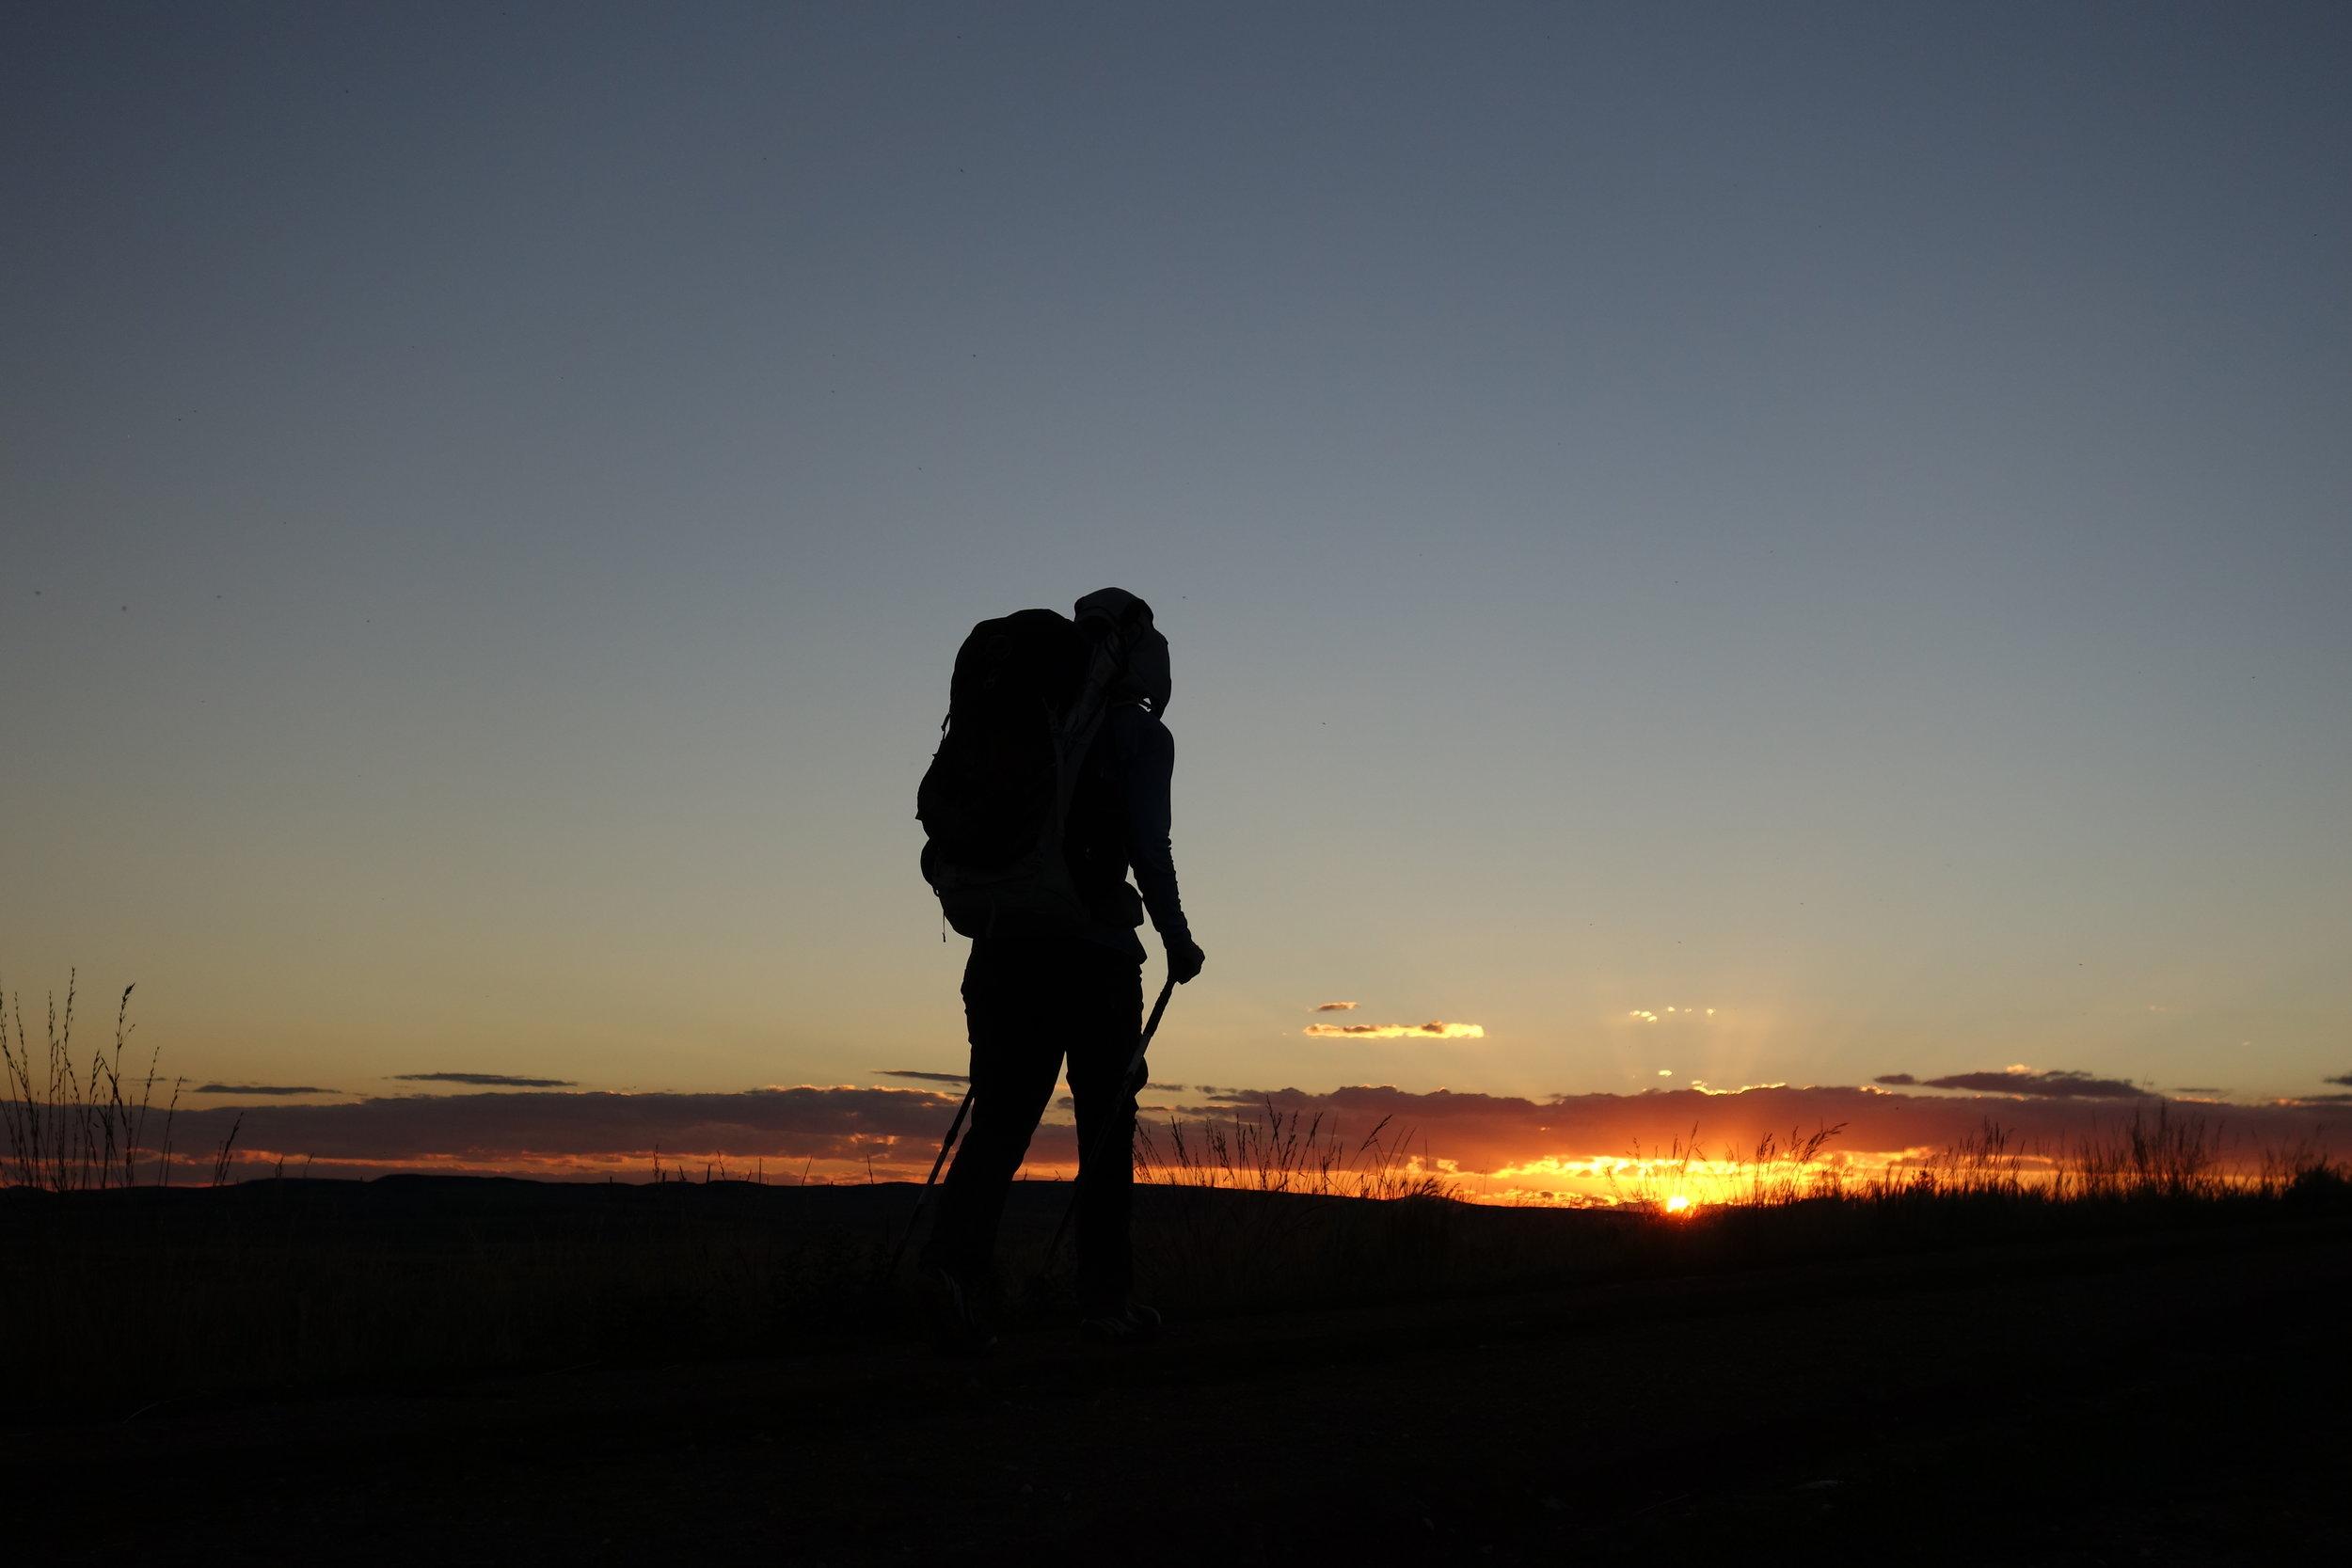 The Best Budget Trekking Poles - Cascade Mountain Tech Carbon FiberRead why→